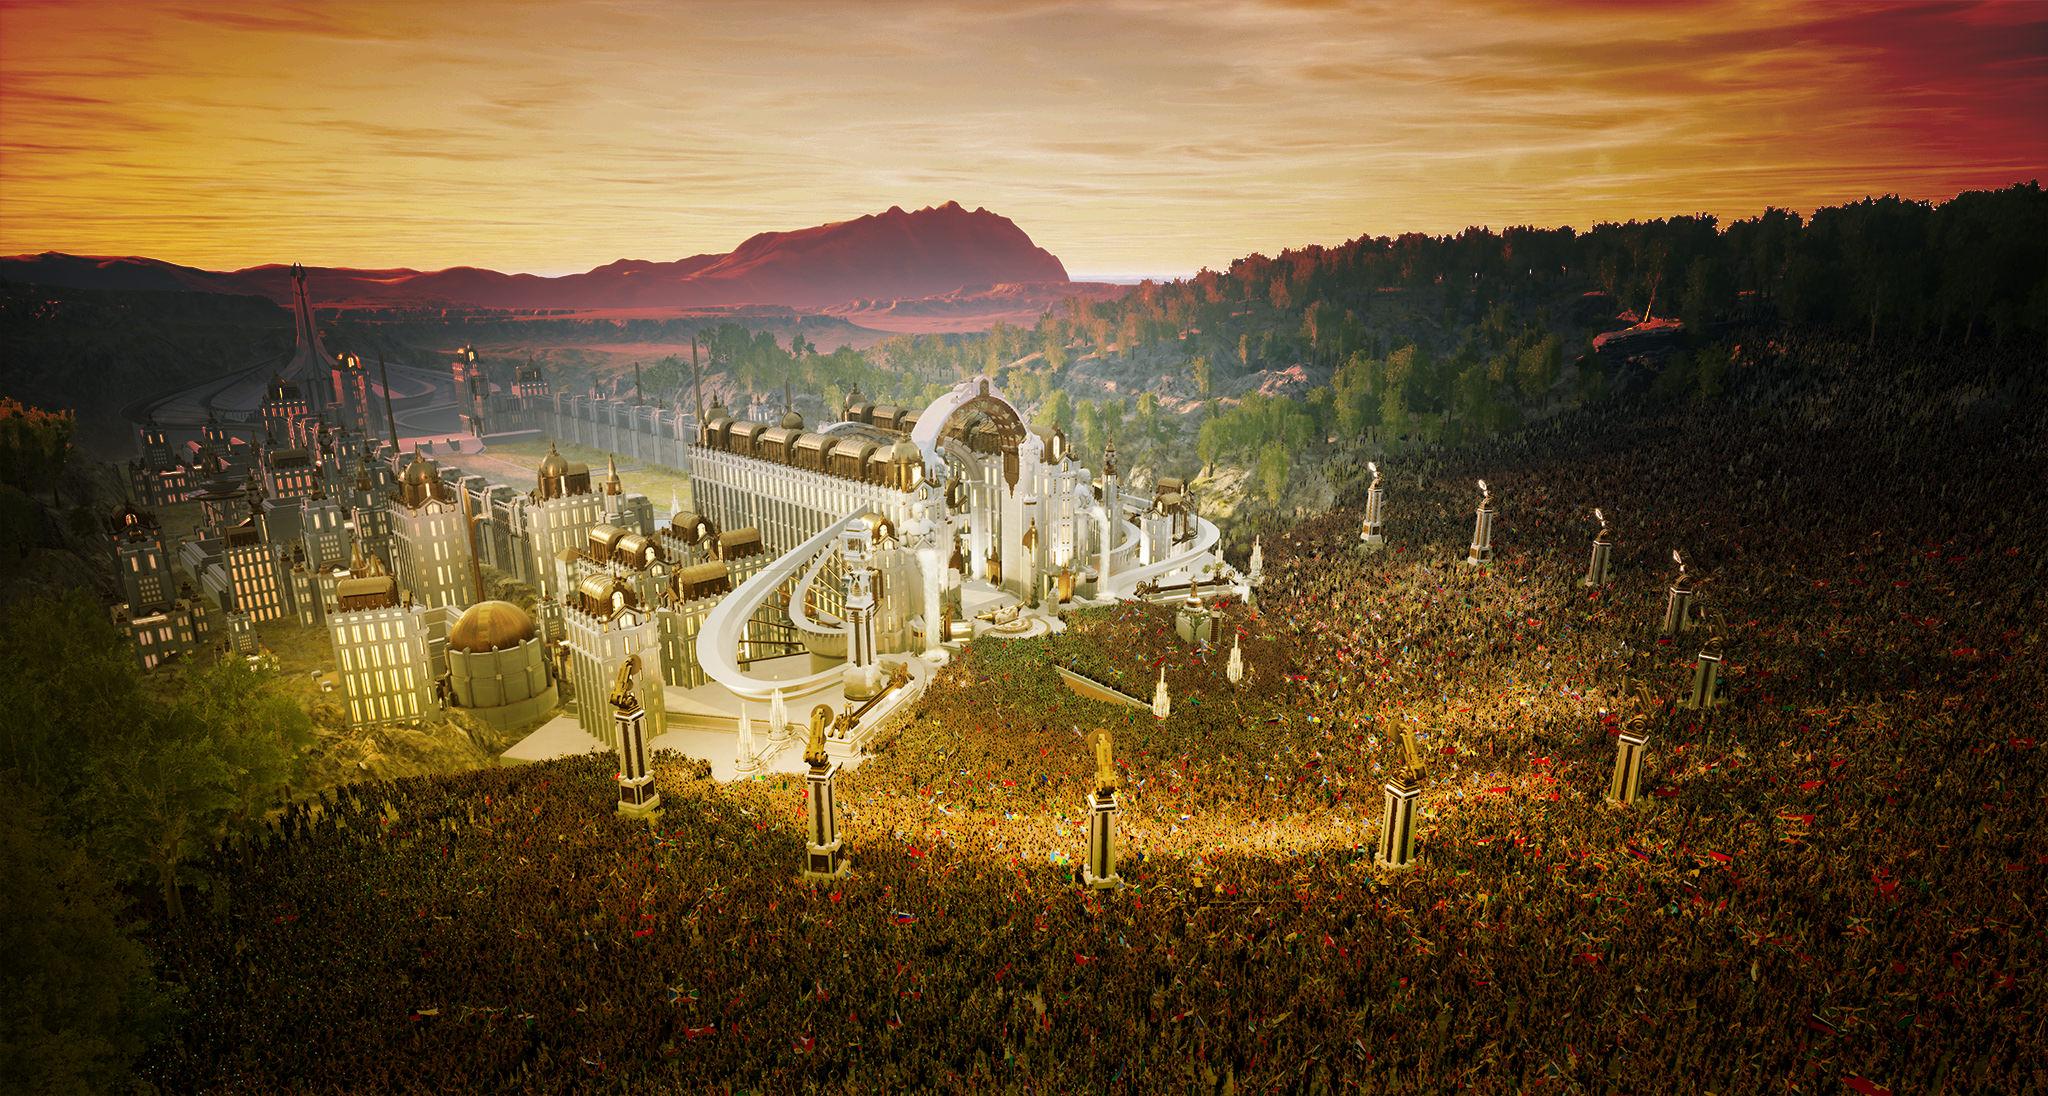 ¡Descubre el mundo mágico de Tomorrowland junto con el mejor lineup para este verano!